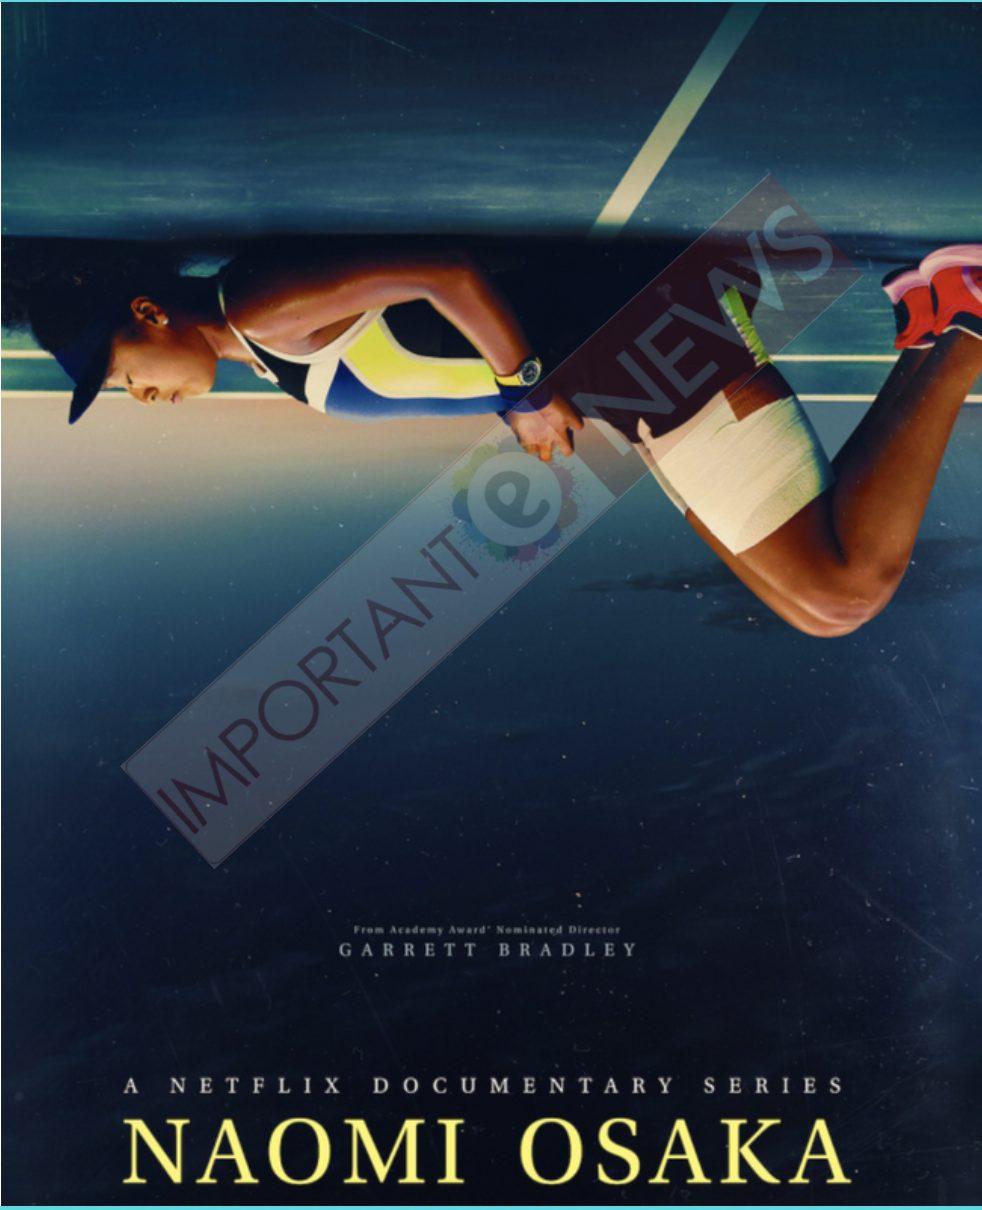 Netflix's Naomi Osaka Documentary Season 2